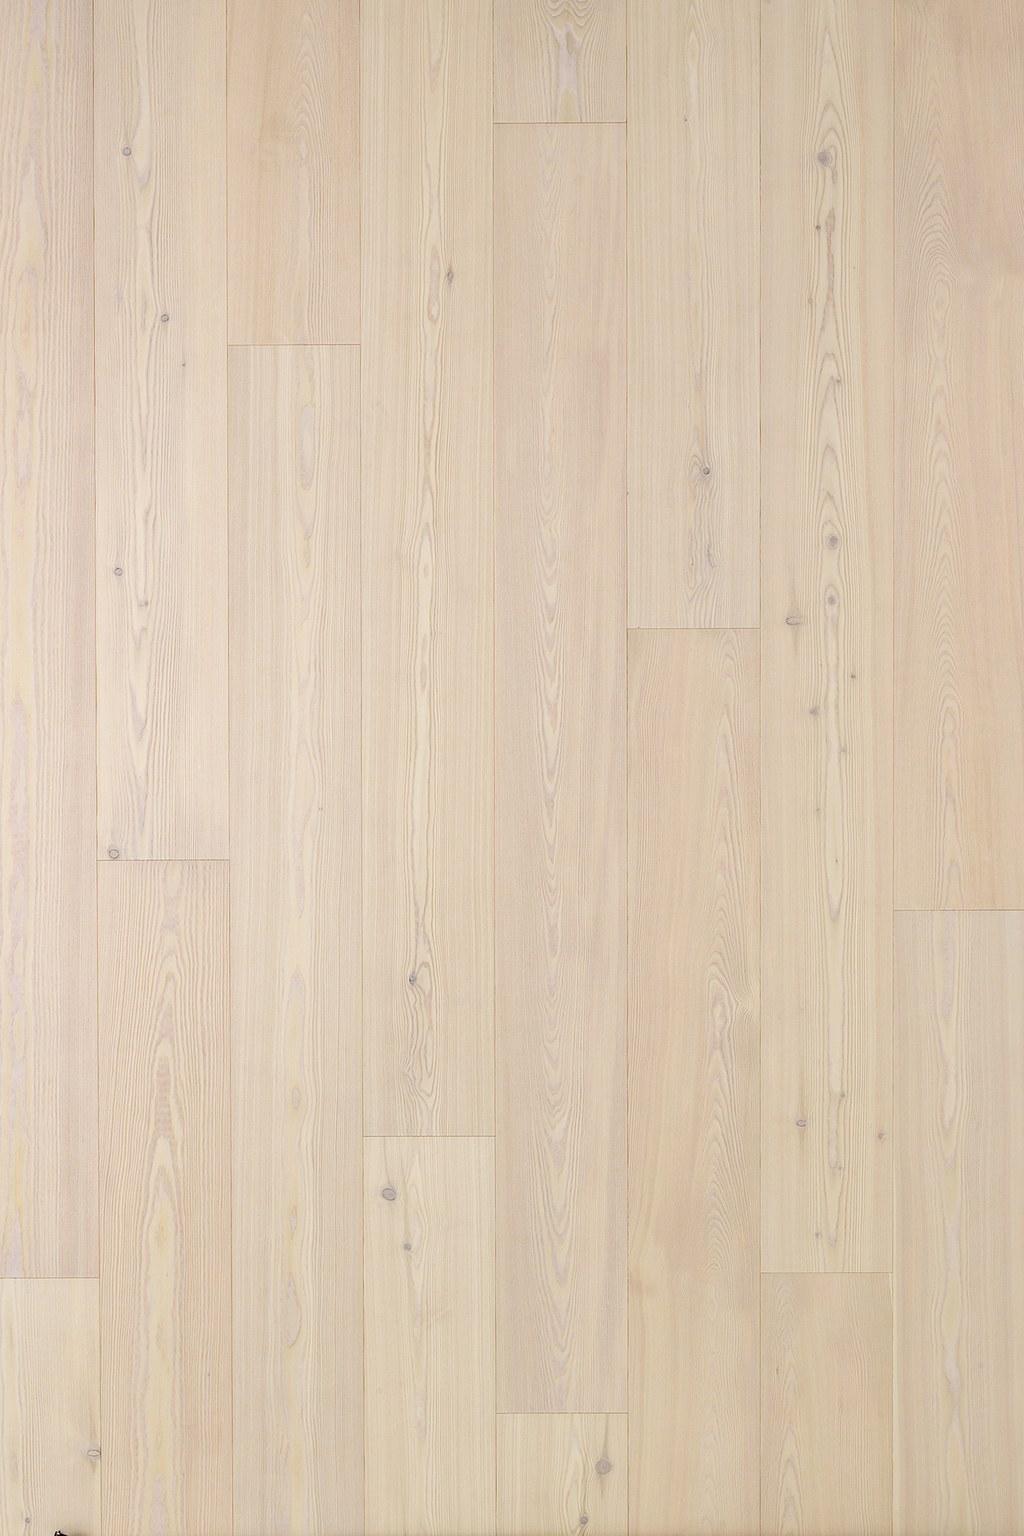 Timberwise Parketti Lankkuparketti Puulattia Wooden Floor Parquet Plank Lehtikuusi Larch Arctic 2D1